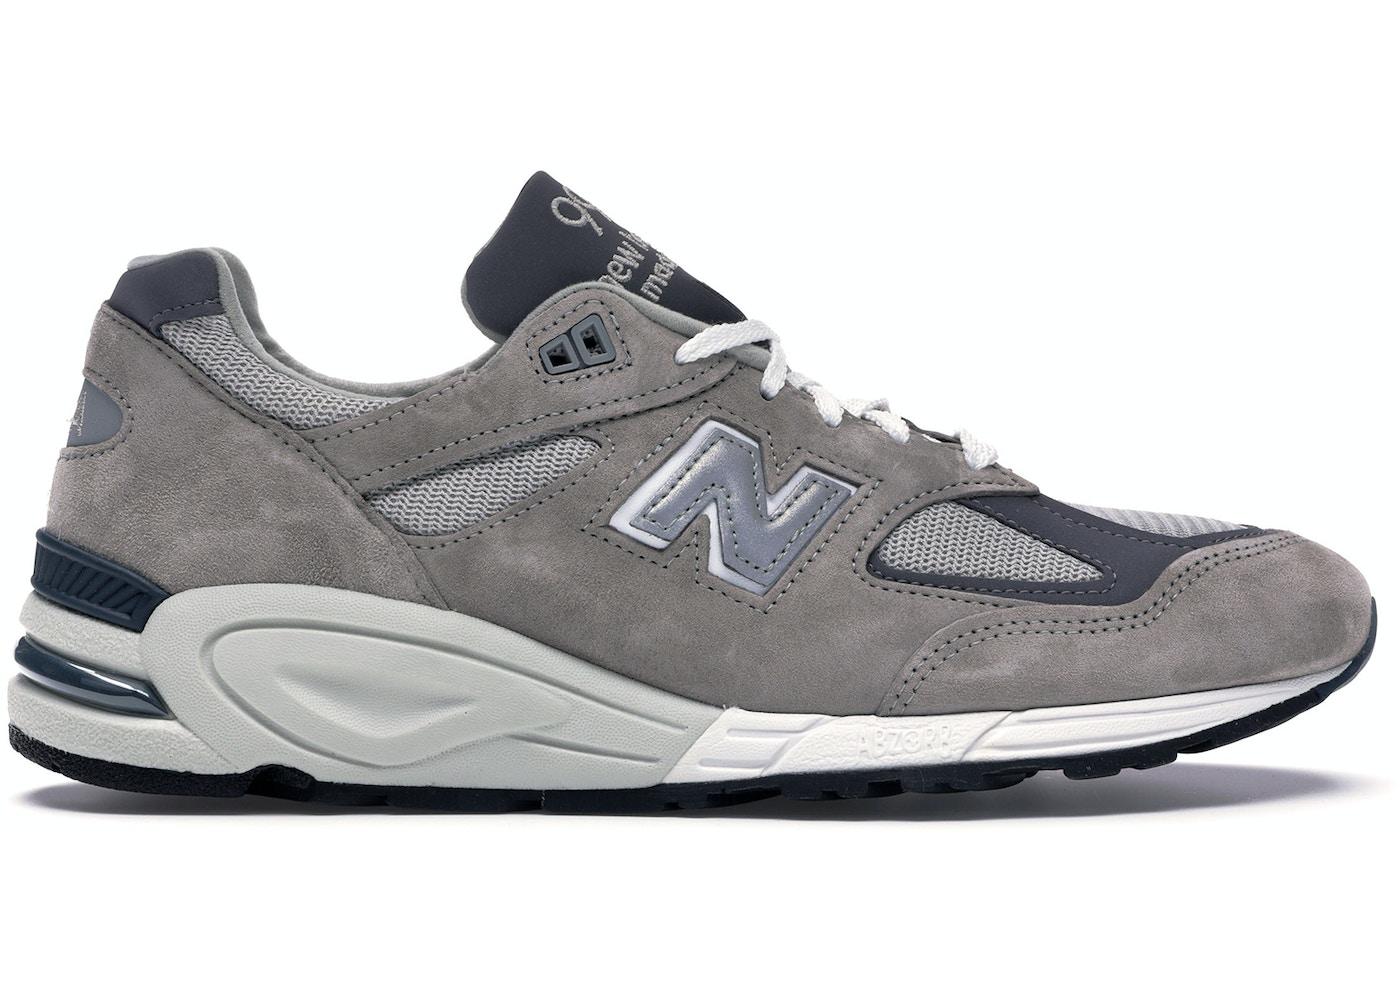 online retailer eb243 2e9c4 New Balance Footwear - Buy Deadstock Sneakers